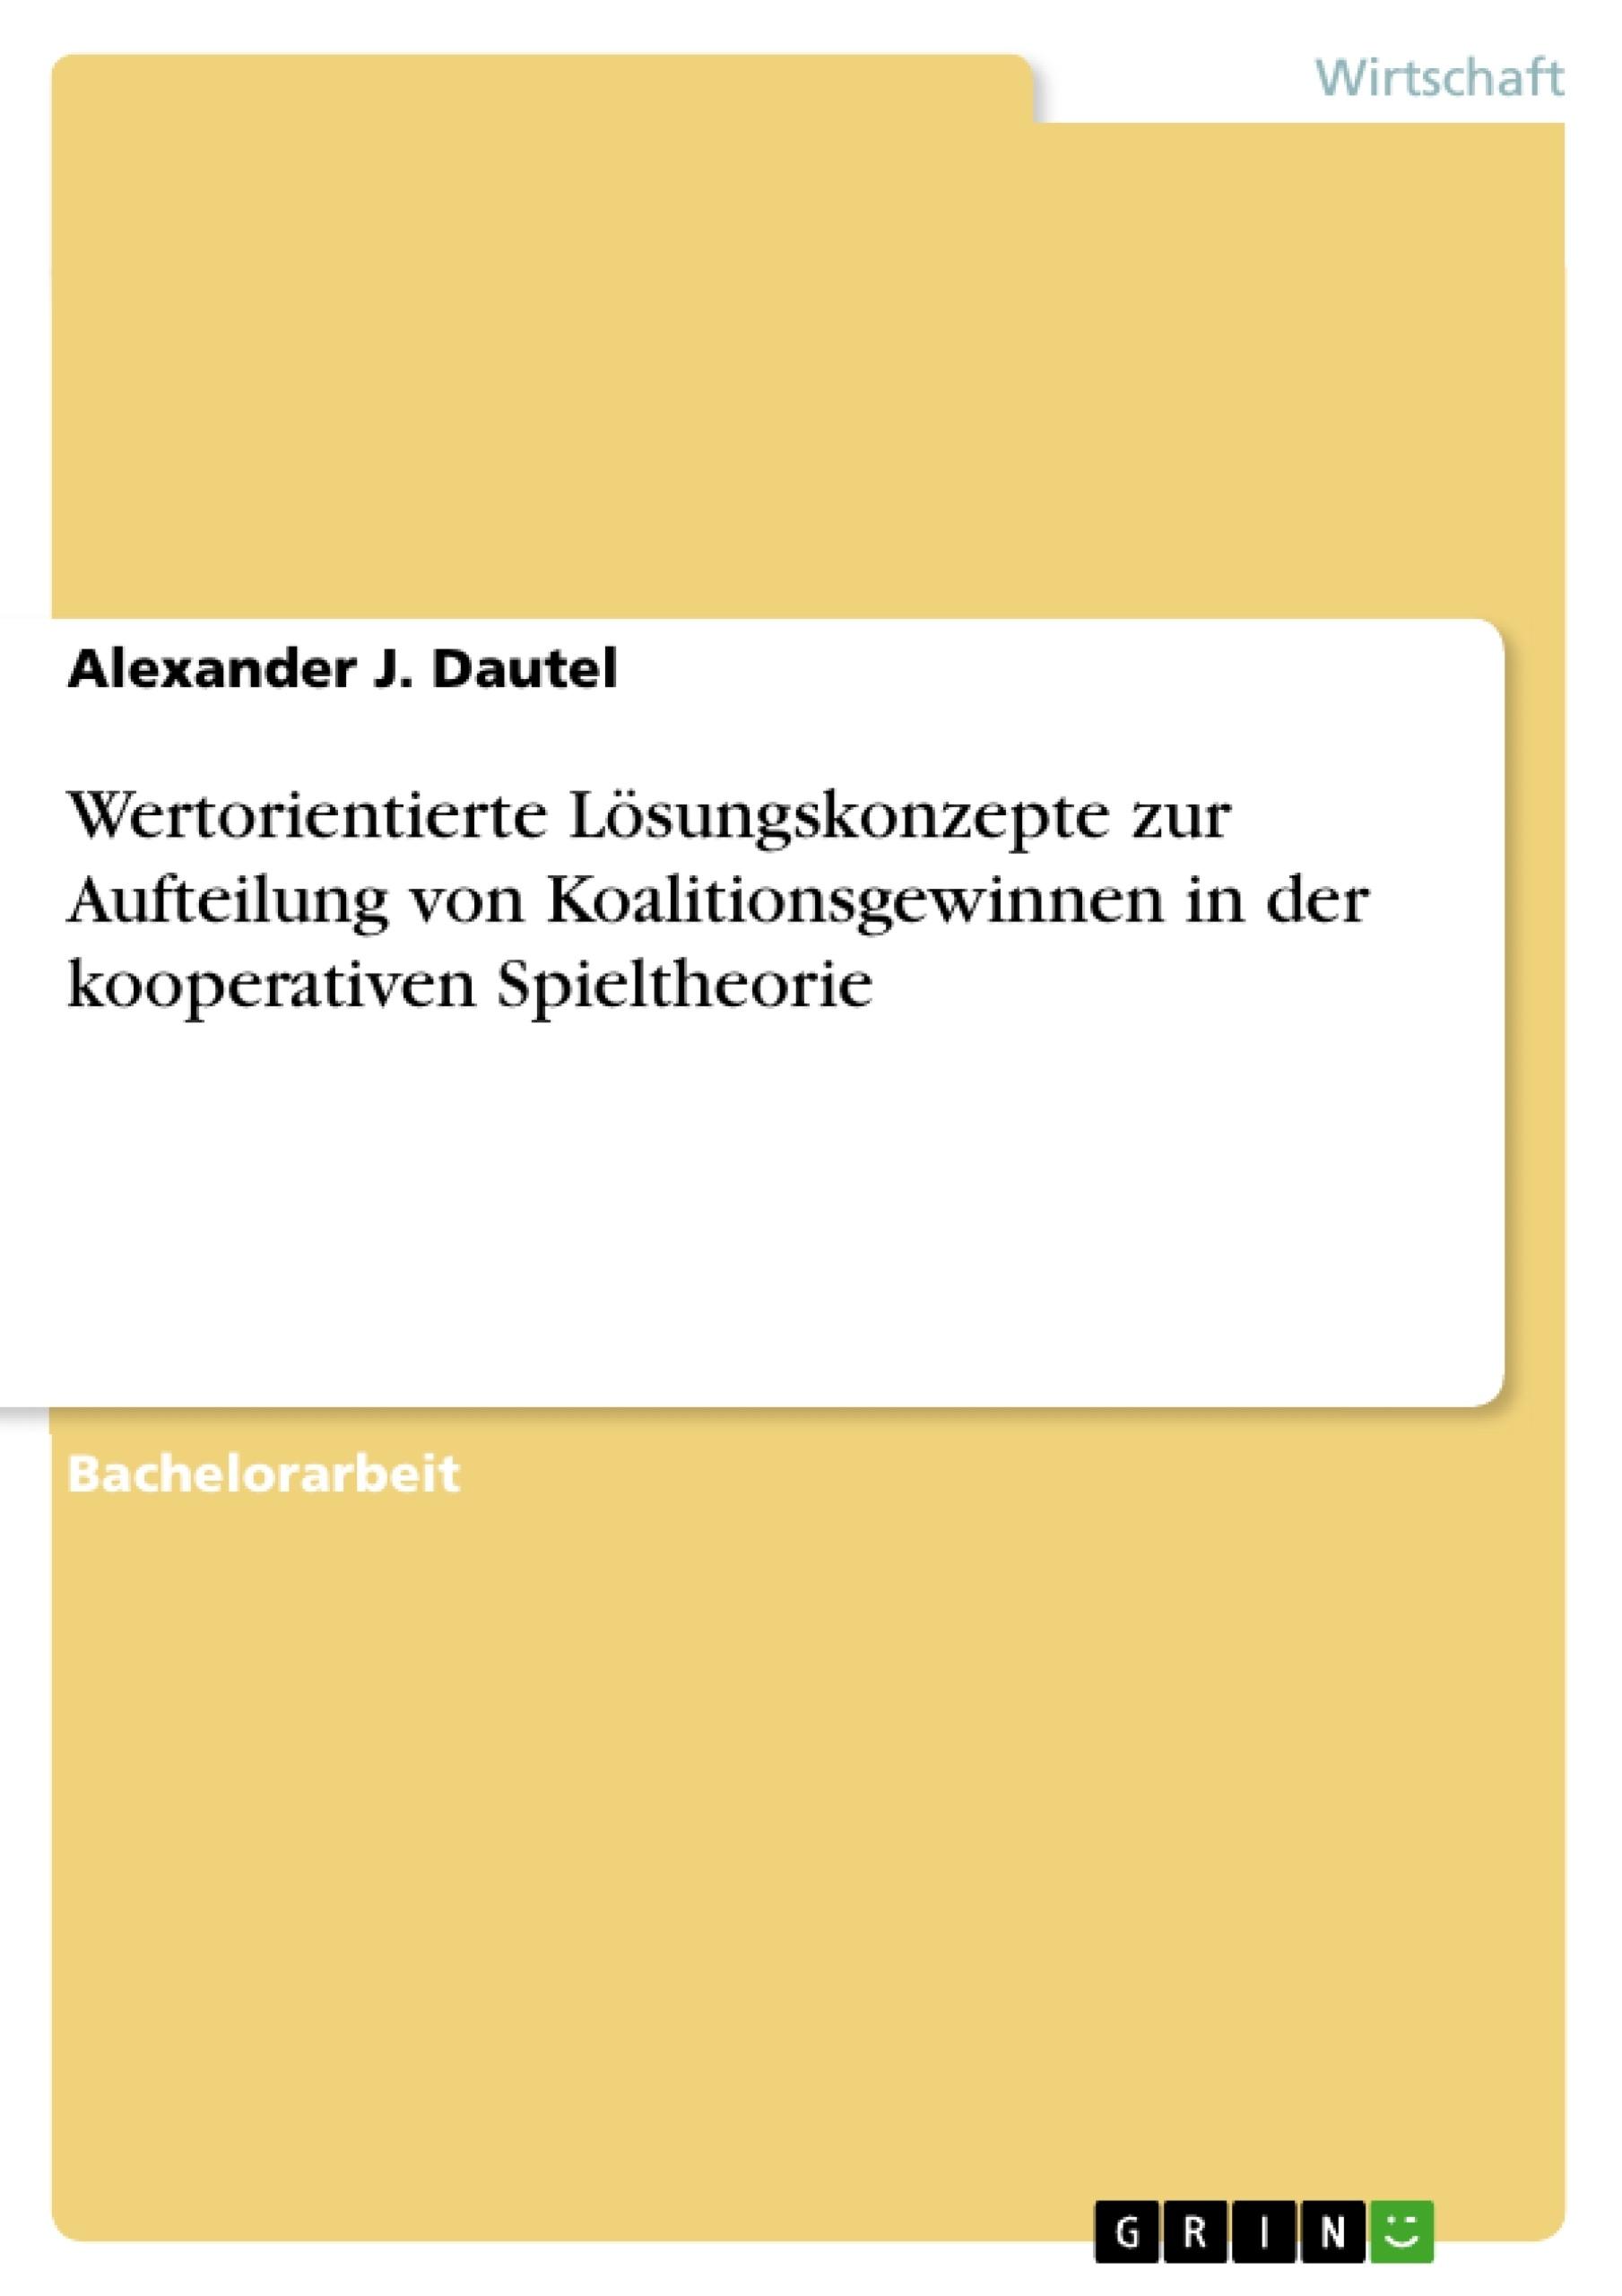 Titel: Wertorientierte Lösungskonzepte zur Aufteilung von Koalitionsgewinnen in der kooperativen Spieltheorie